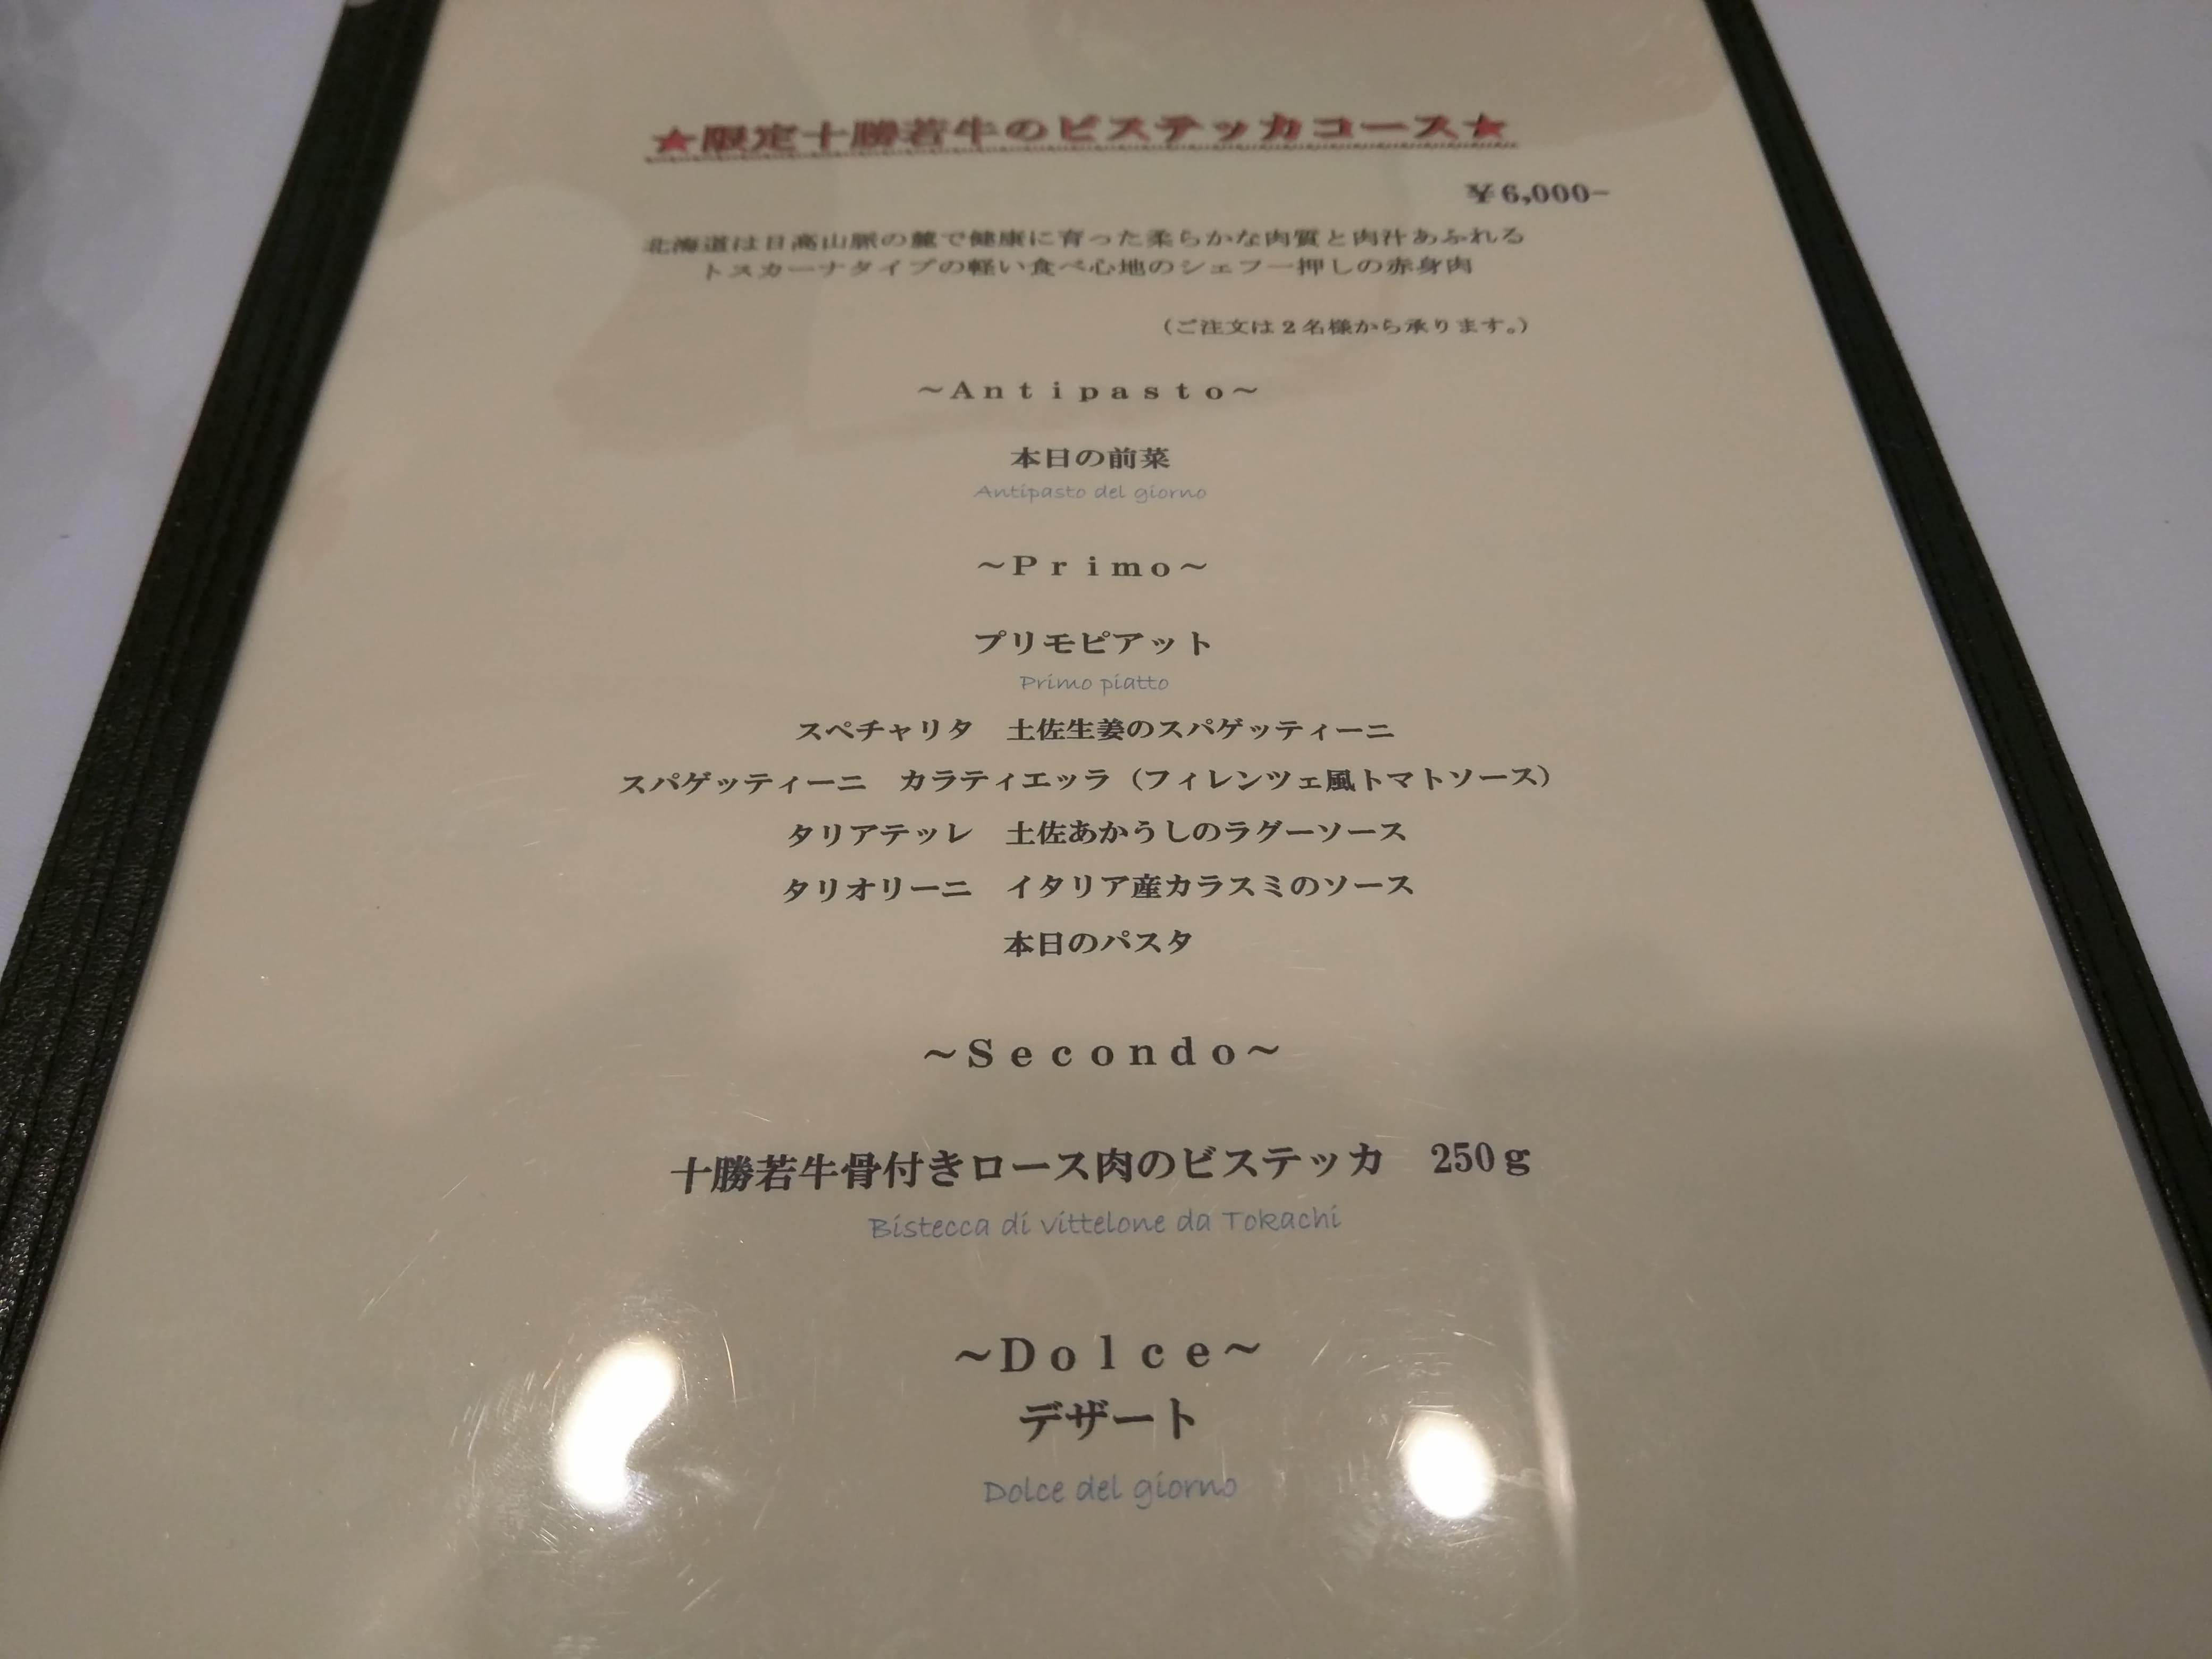 食べログ東京×ハンバーグNo.1のお店のステーキランチ ~ 赤坂 ヴァッカロッサ